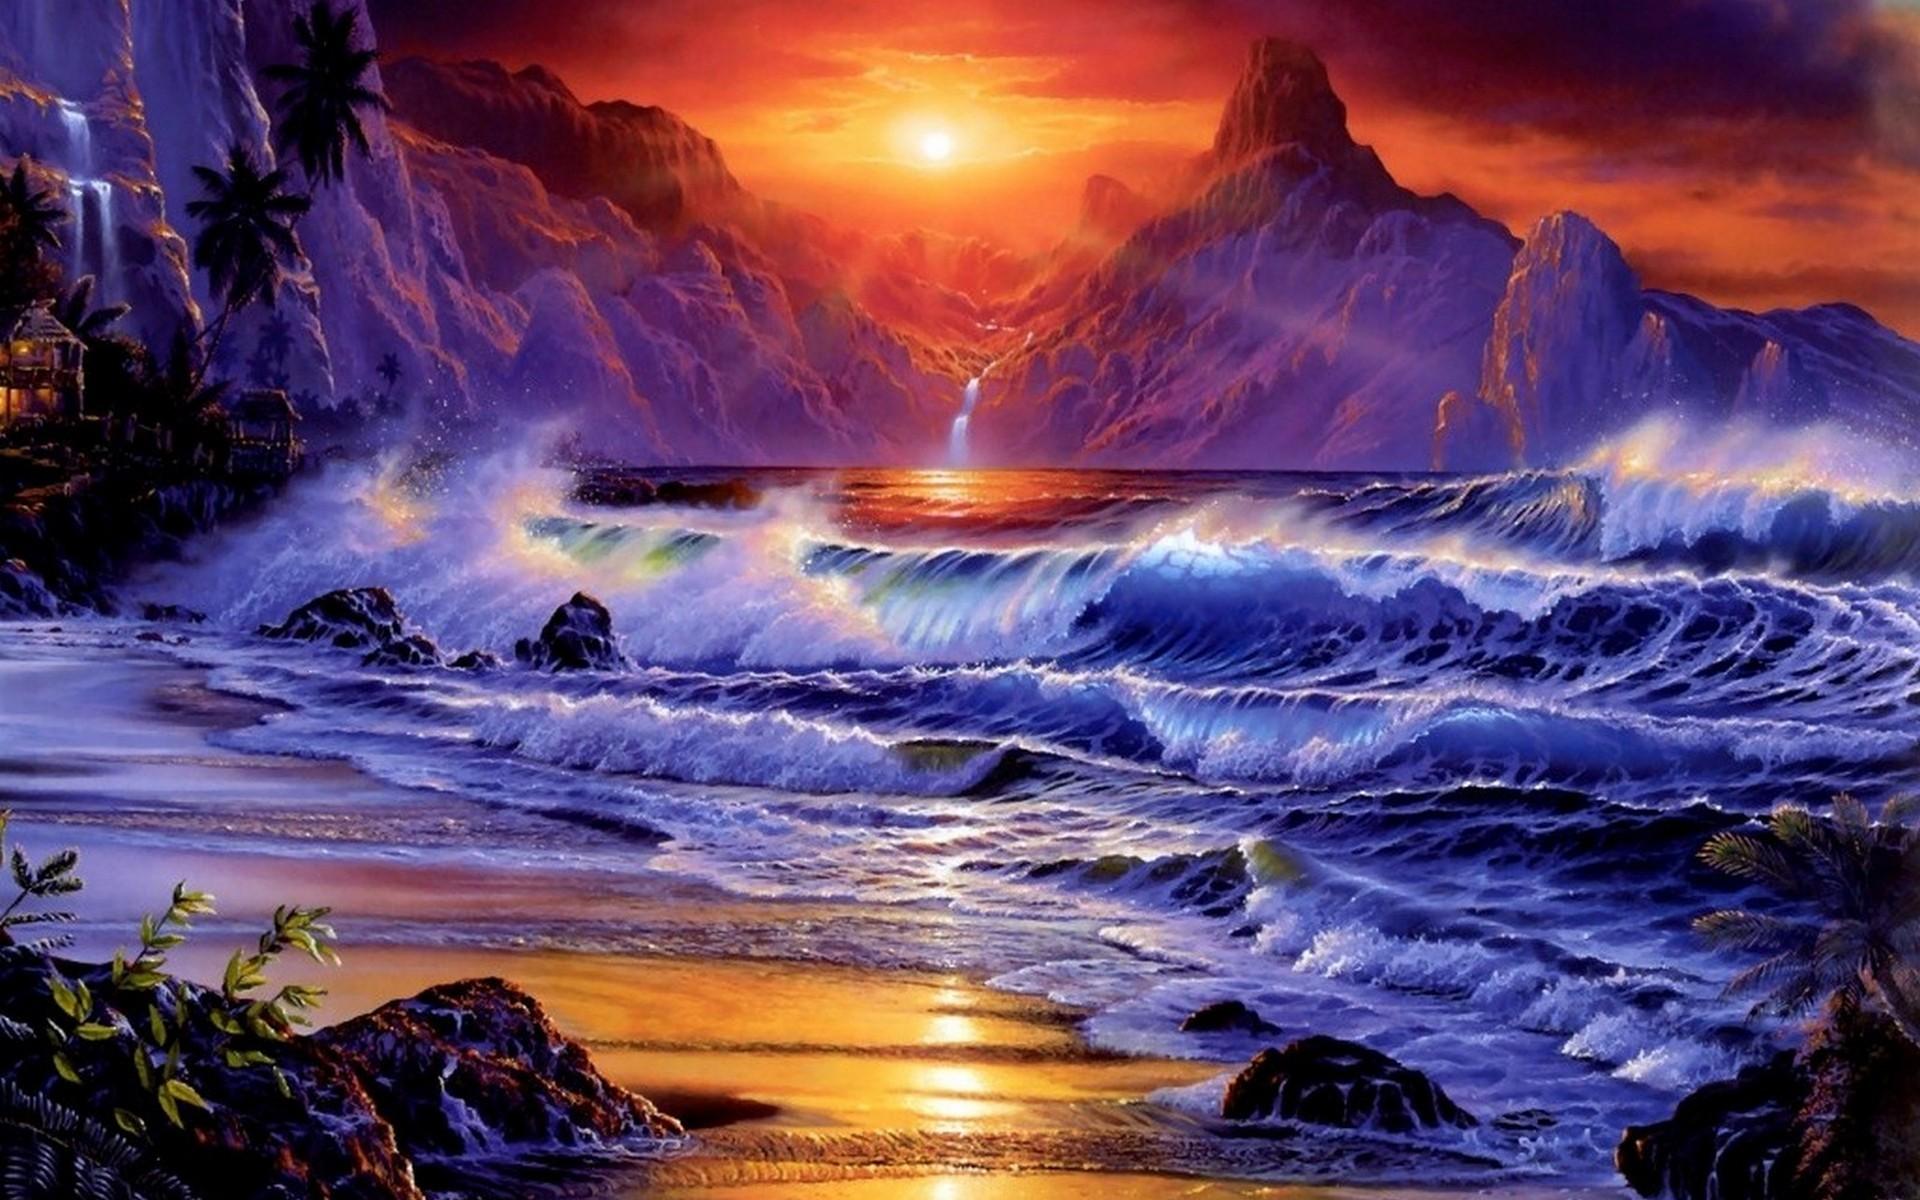 15 Sunsets Ocean Wallpaper :: Ocean Sunset Wallpaper Wallpapers